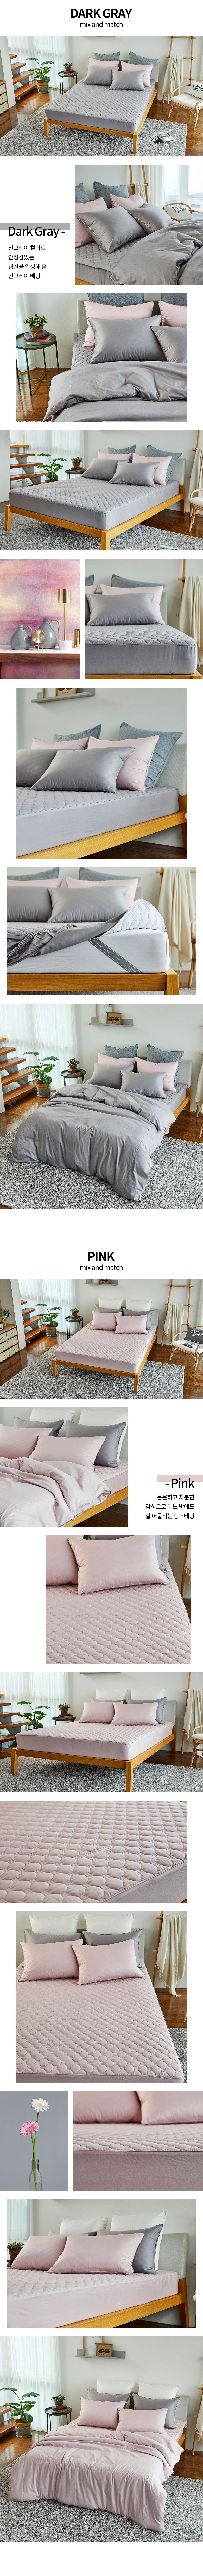 21HS리뉴얼_오가닉솔리드-매커3-진그레이~핑크.jpg